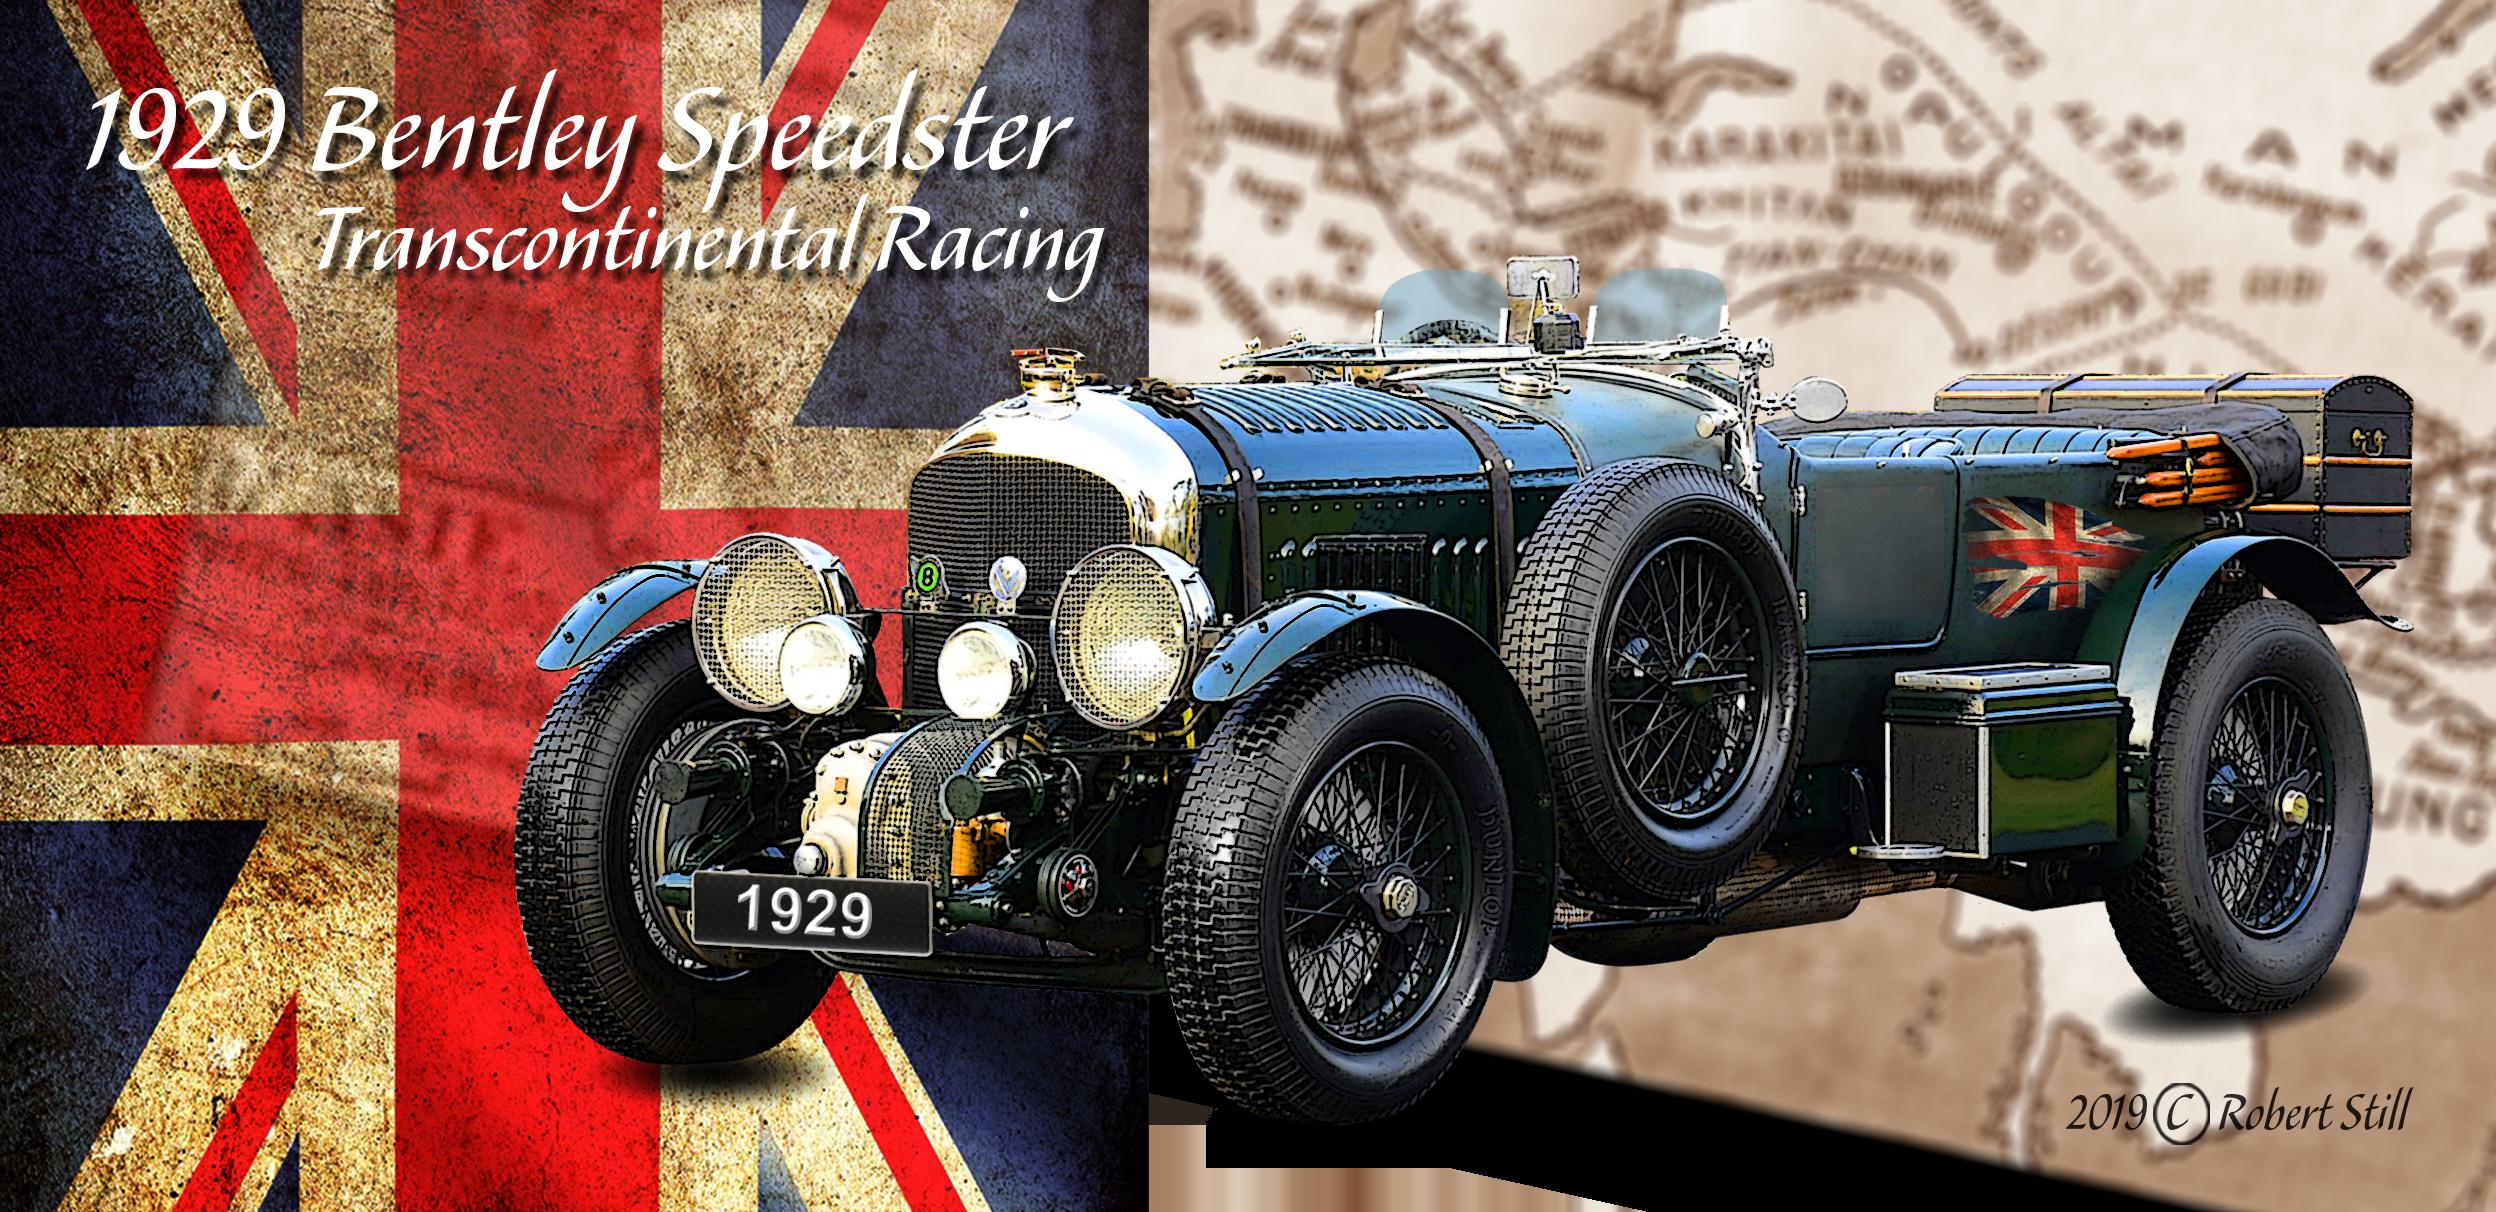 1929 Bentley Speedster